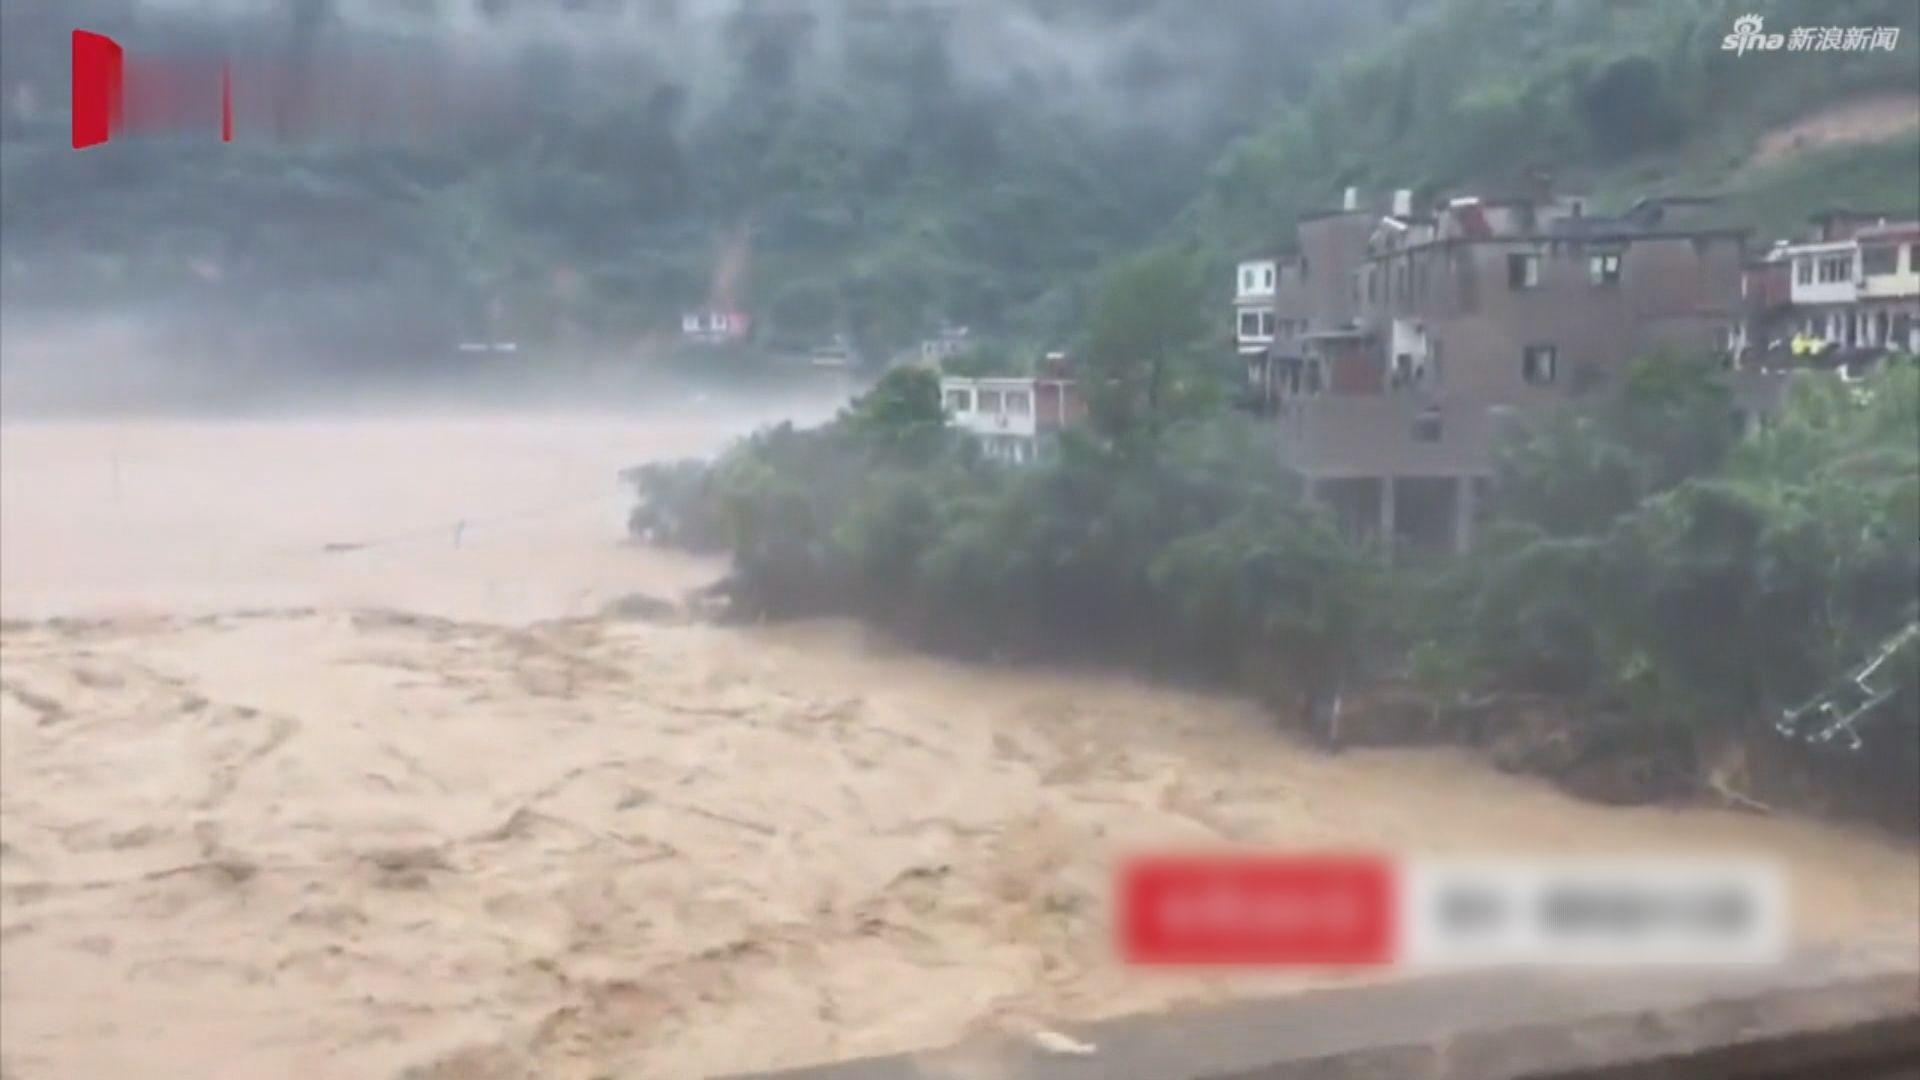 貴州北部暴雨成災洪水圍困多條鄉鎮